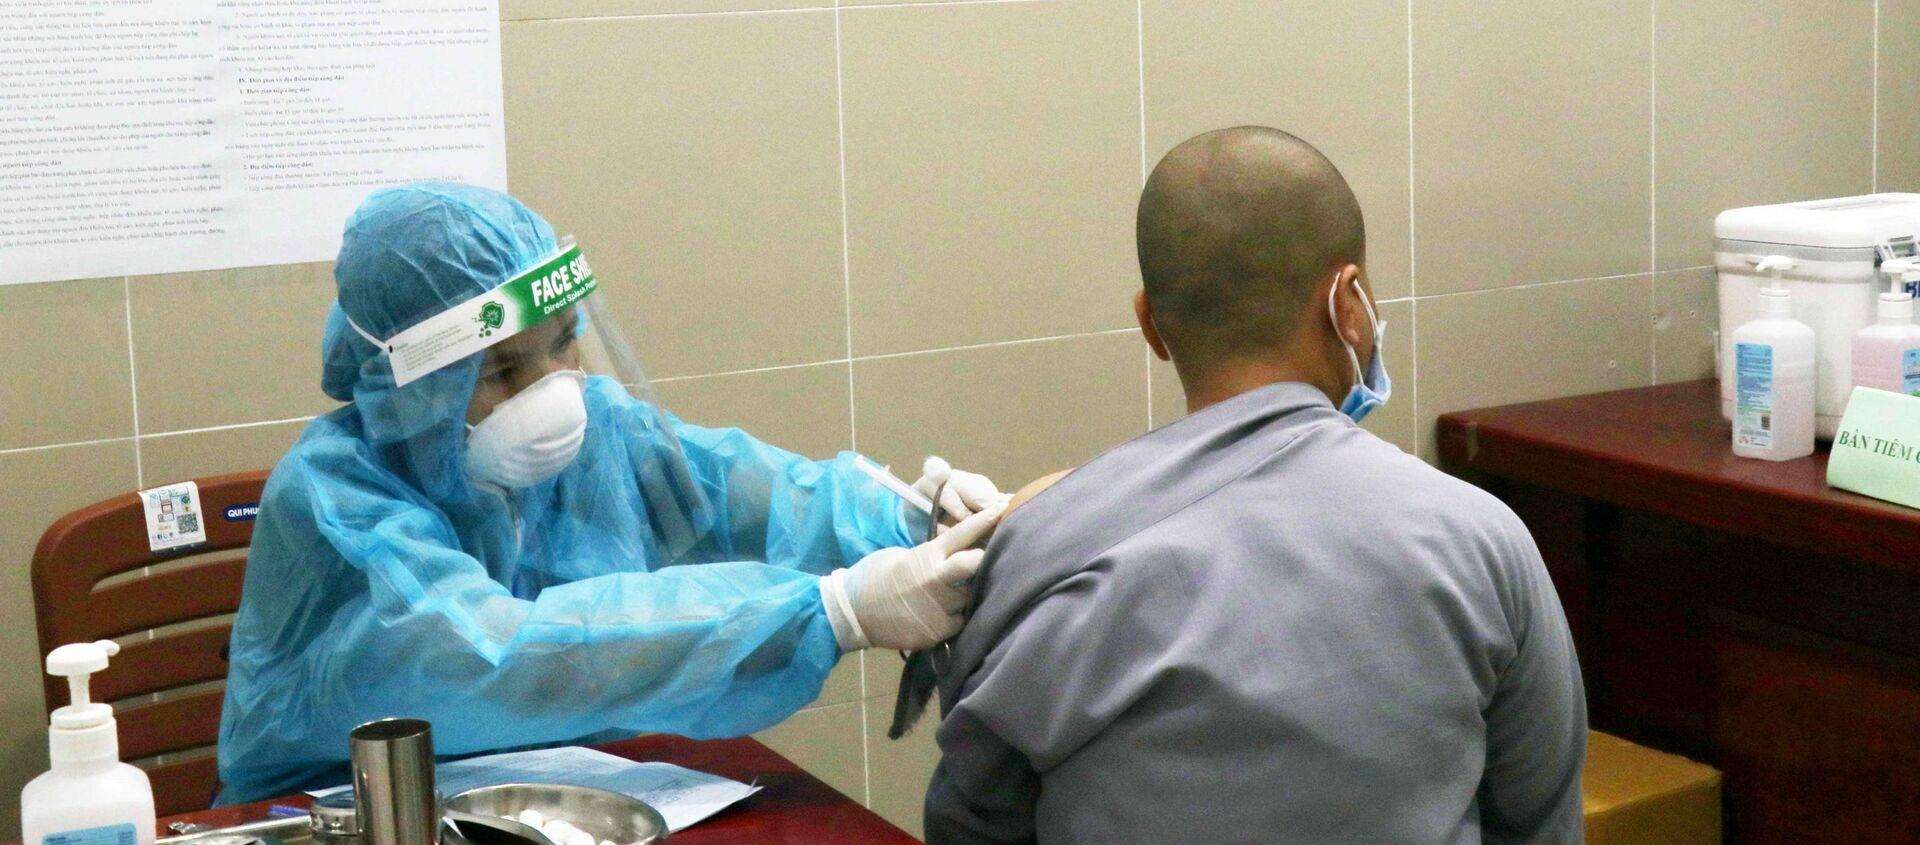 Một chư Ni tình nguyện tham gia hỗ trợ tuyến đầu chống dịch được tiêm vaccine phòng COVID-19 tại Bệnh viện Quận 11 - Sputnik Việt Nam, 1920, 25.07.2021